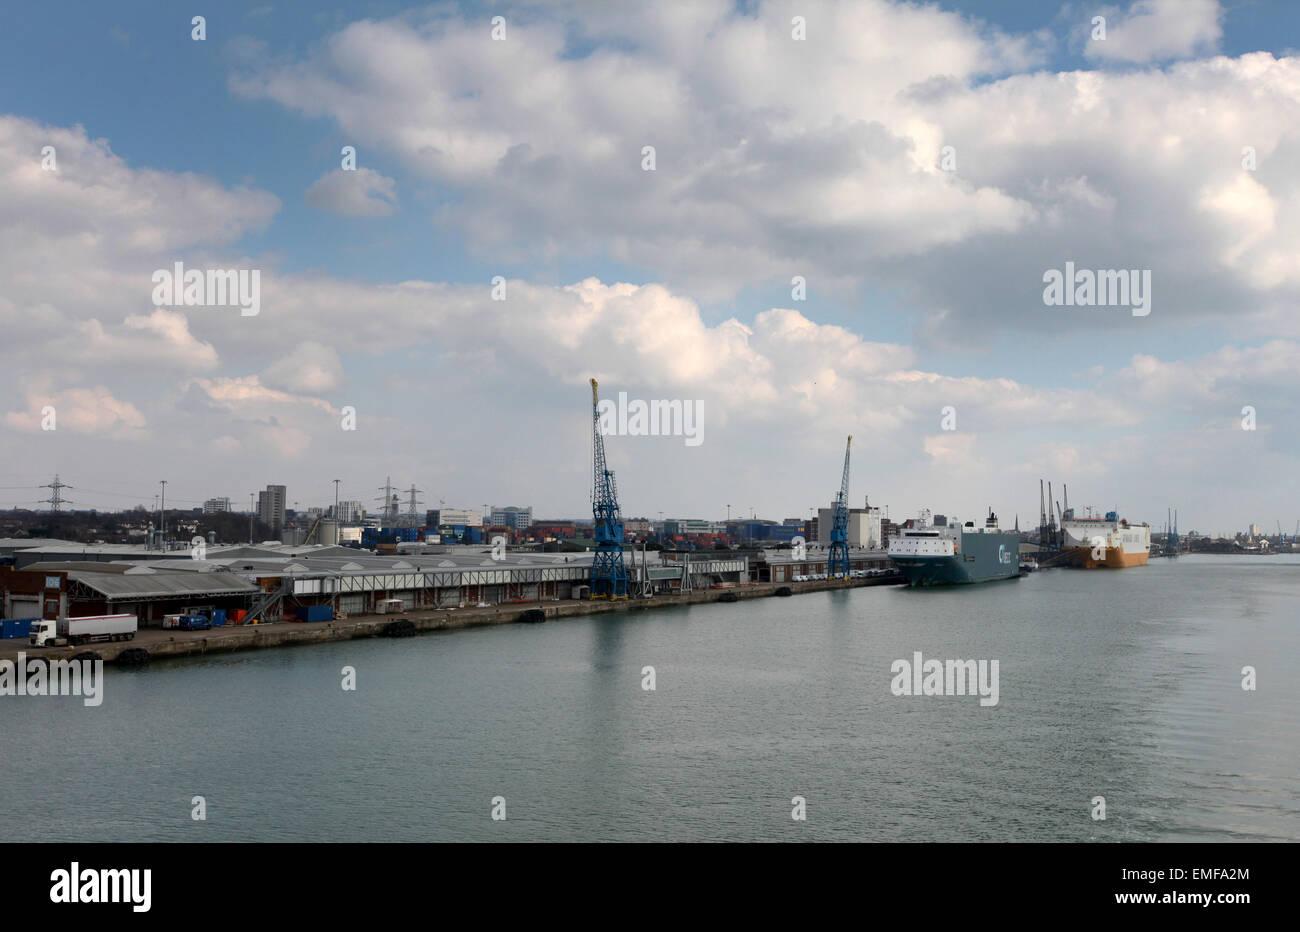 Southampton Docks Southampton - Stock Image